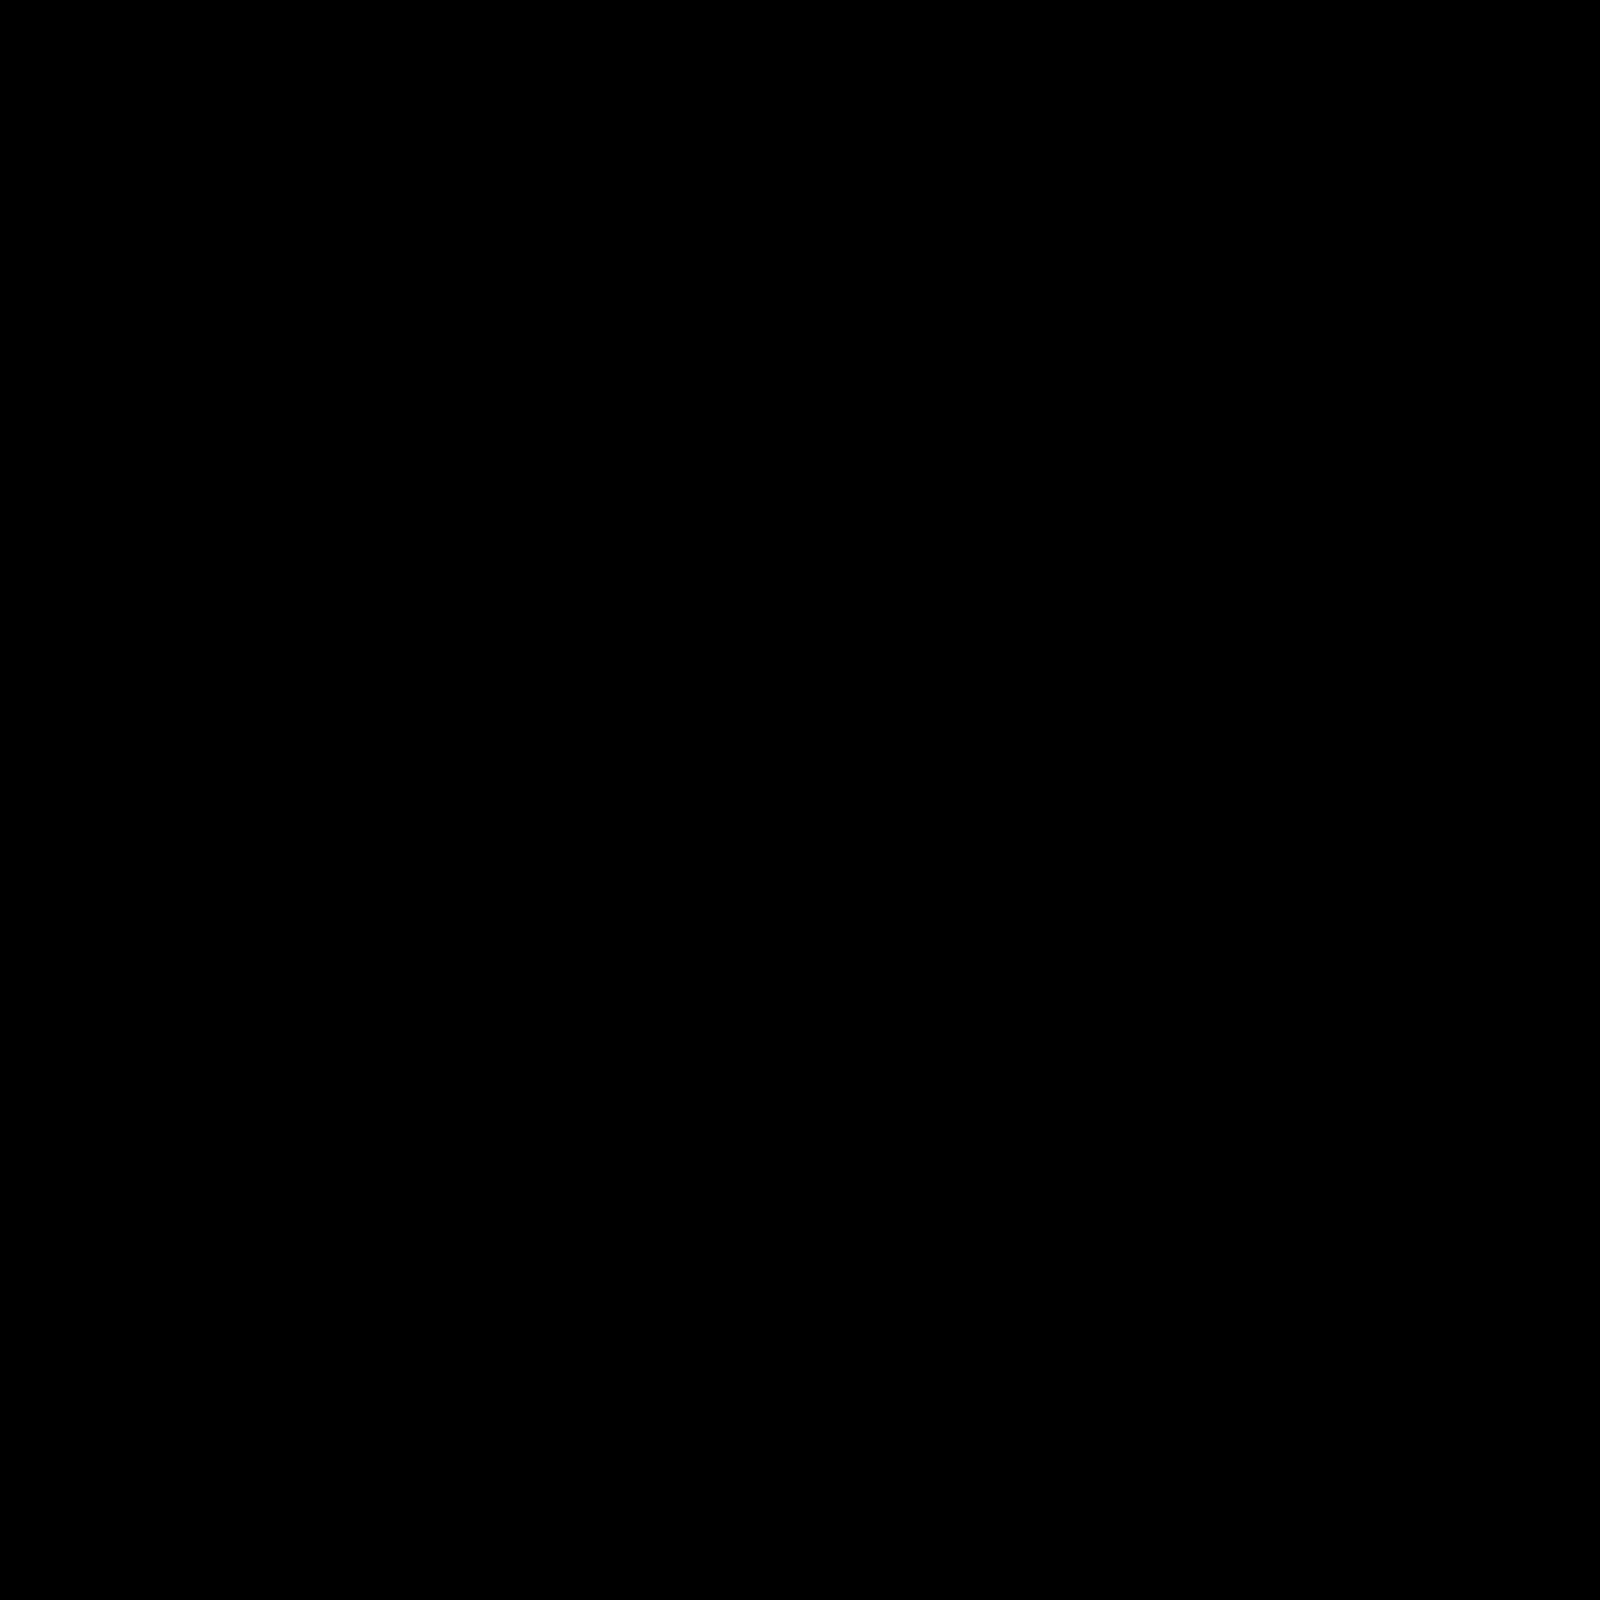 Μπάρες Ενέργειας με Φυστικοβούτυρο, Σουσάμι και Σοκολάτα